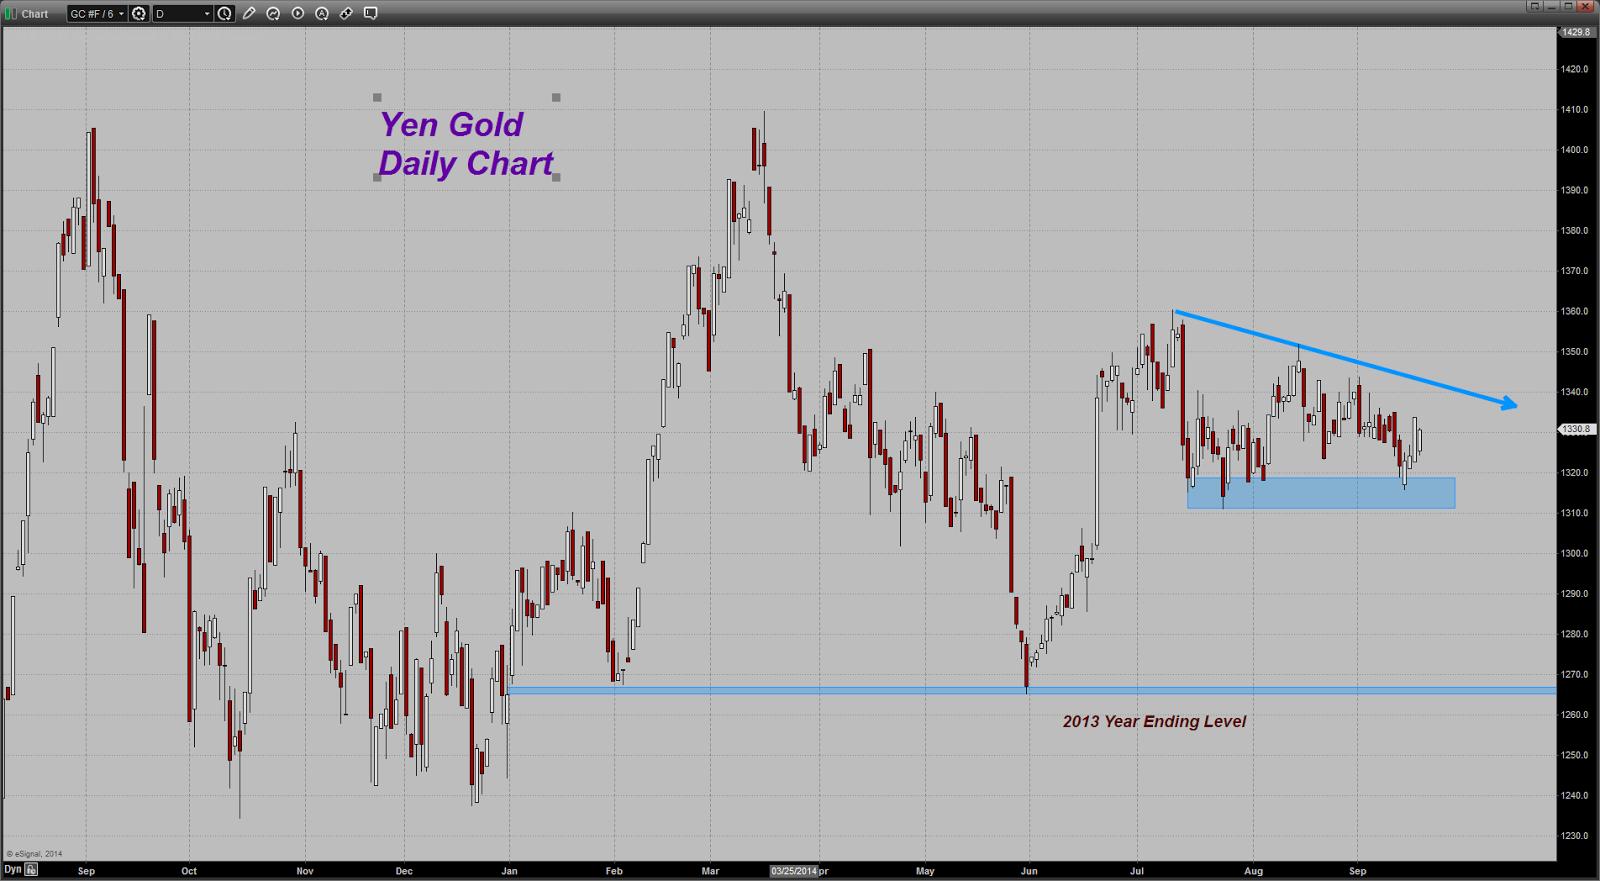 prix de l'or, de l'argent et des minières / suivi quotidien en clôture - Page 13 Chart20140918073426